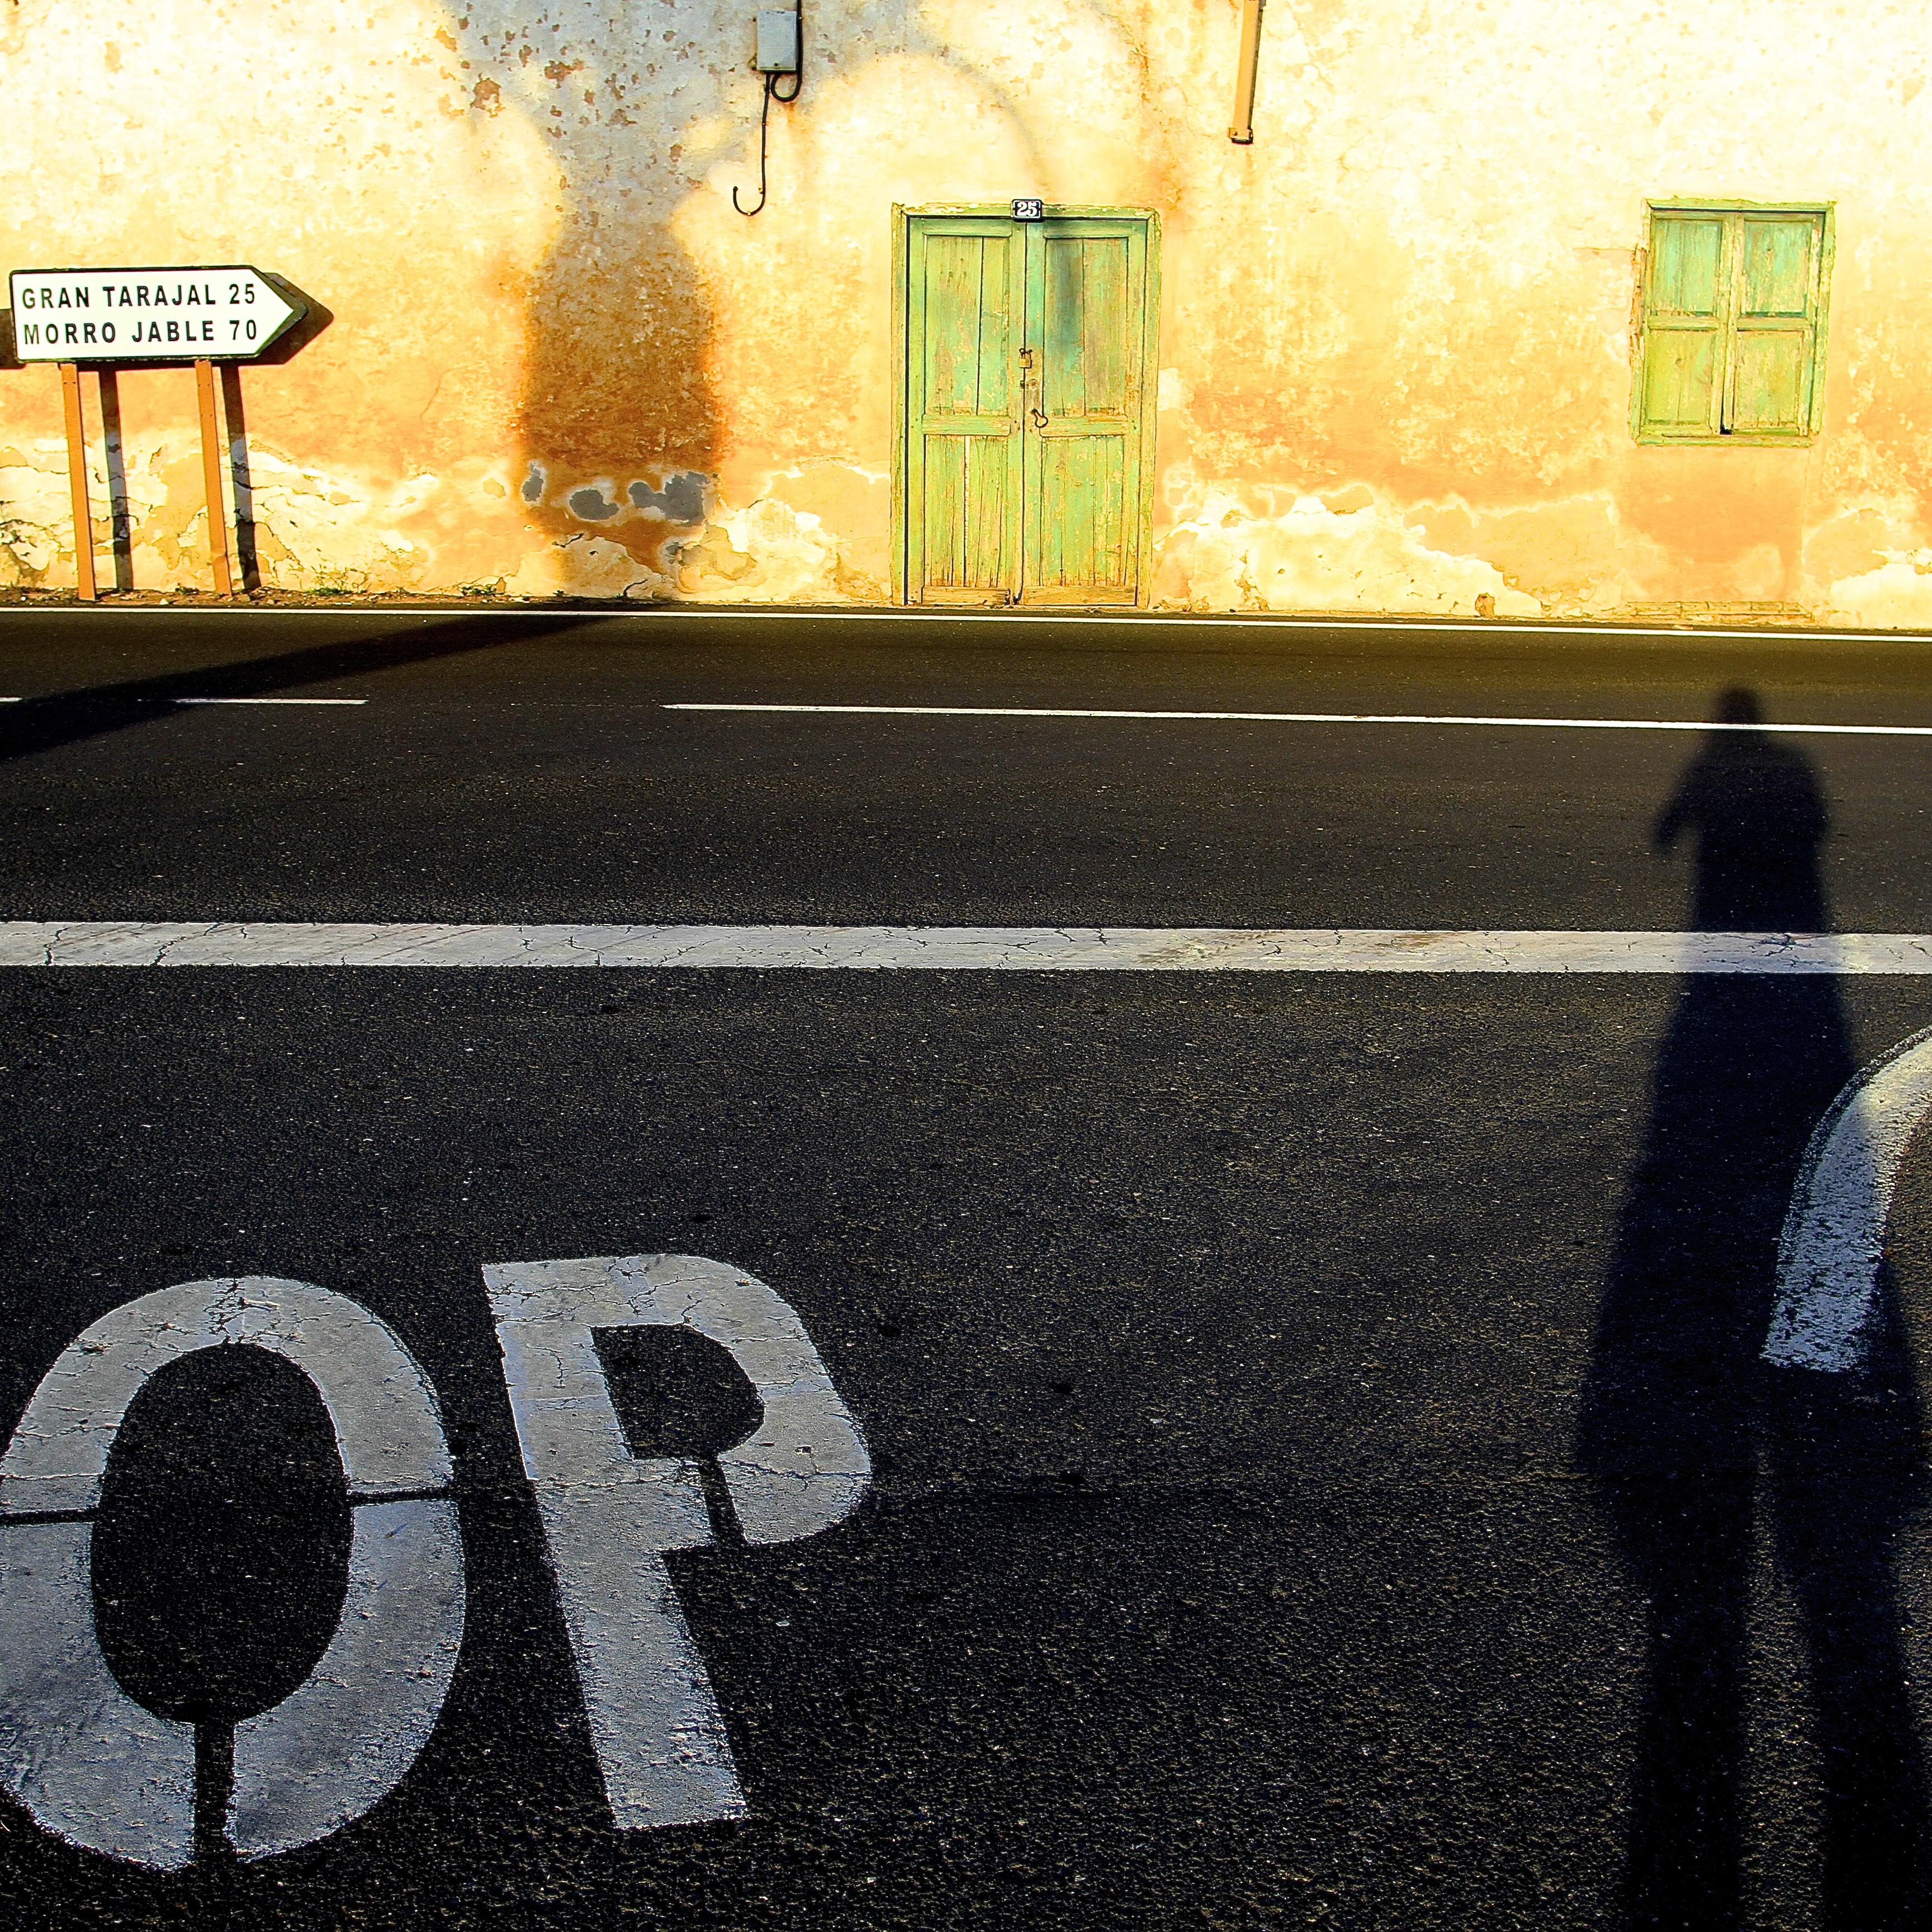 La sombra de un fotógrafo